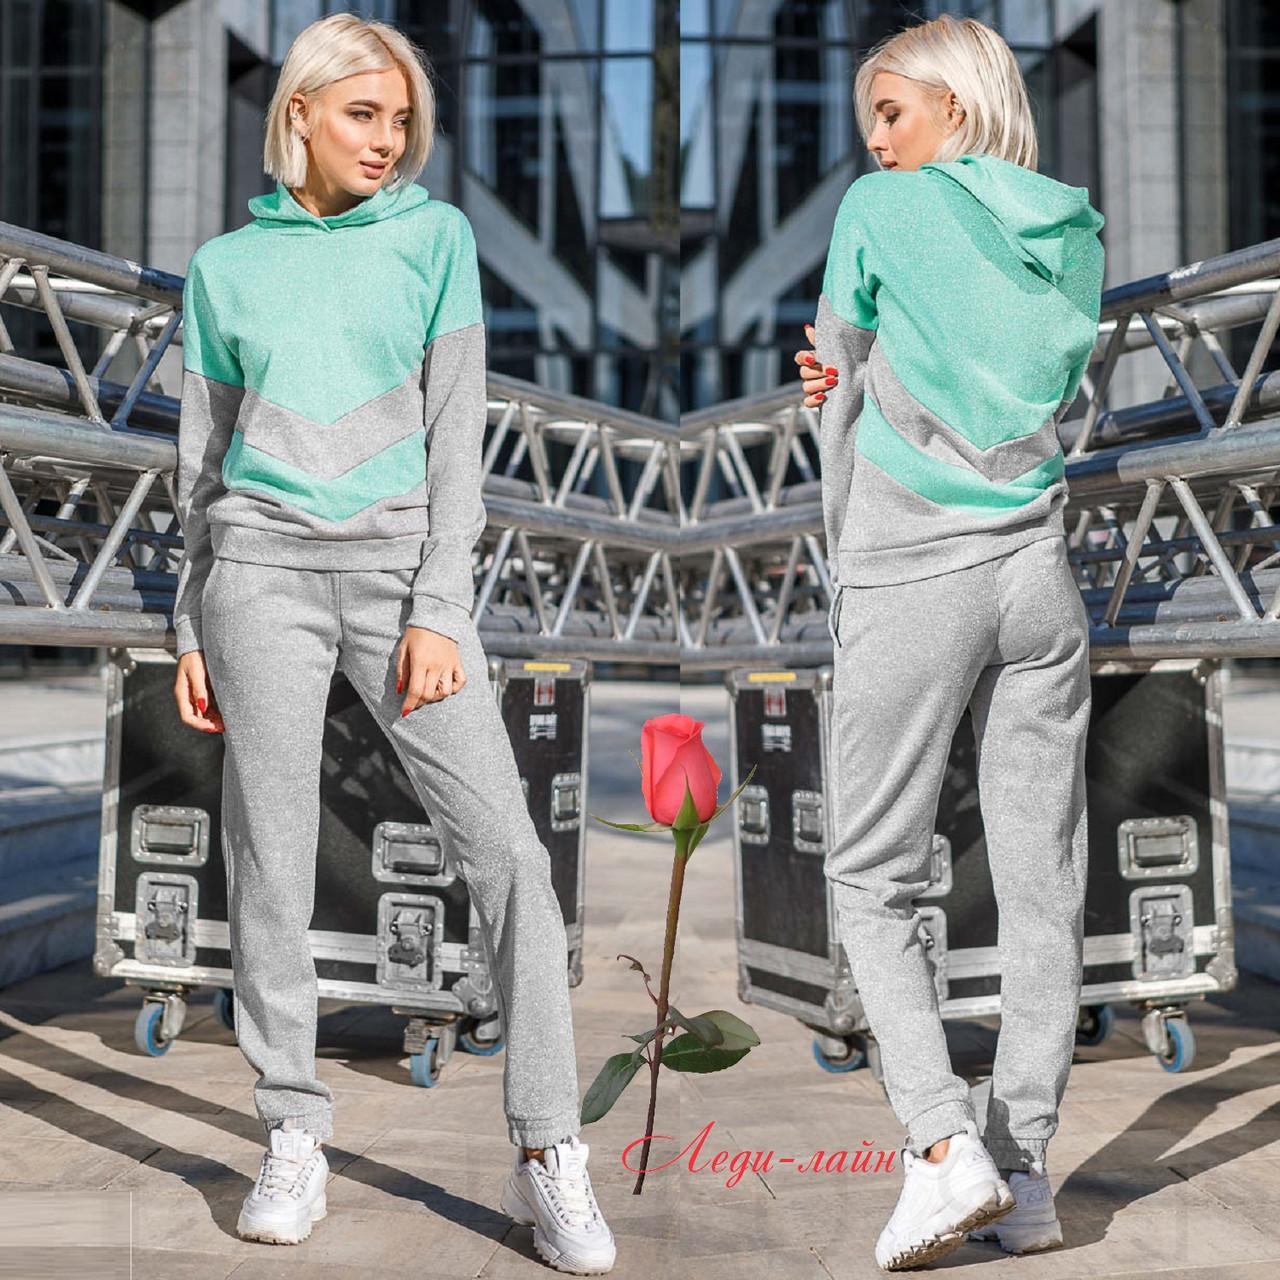 621f60b4 Женский легкий спортивный костюм, выполненный из трикотажа GR28481 в  расцветках - Интернет-магазин Леди